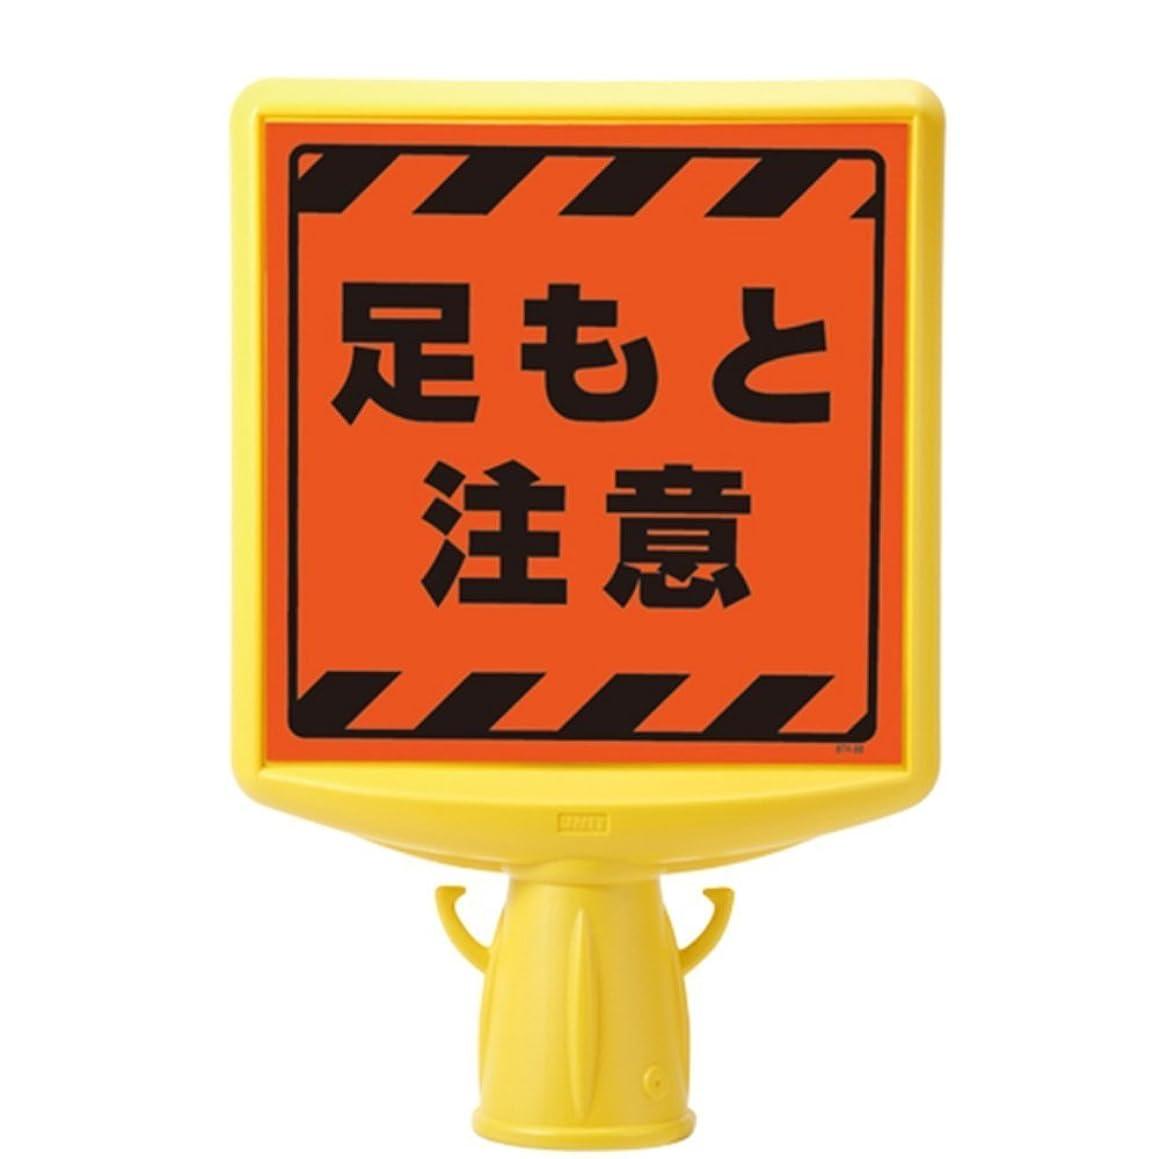 拒否引数移民ユニット コーンサイントップⅡ 874-882A 両面表示 足もと注意